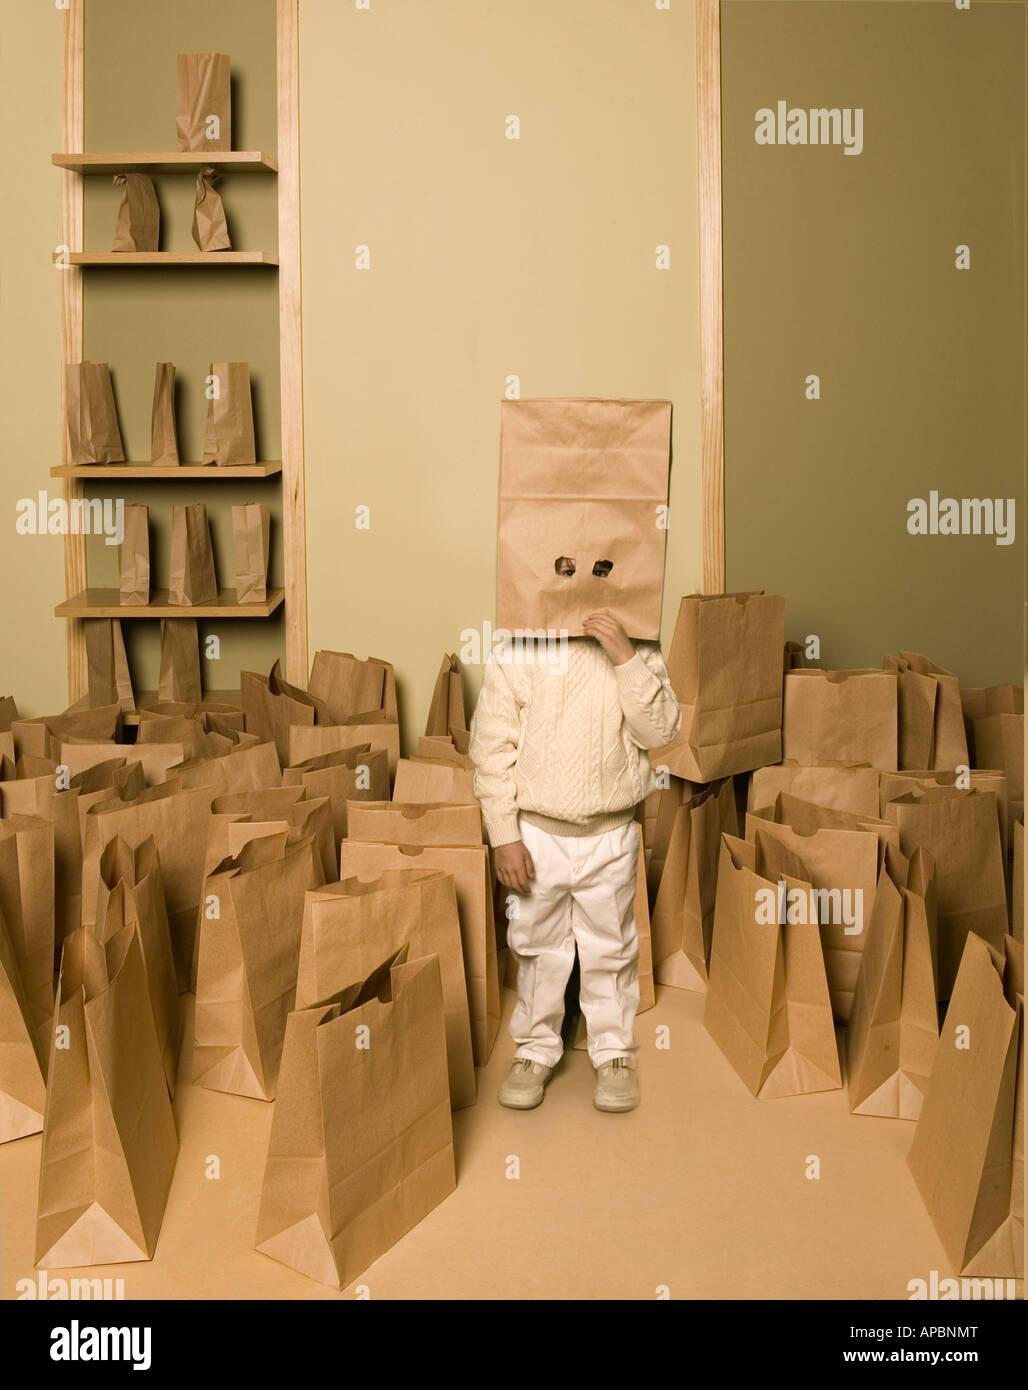 Jeune enfant figure parmi plusieurs sacs papier avec sac de papier sur la tête avec des yeux découpés Photo Stock